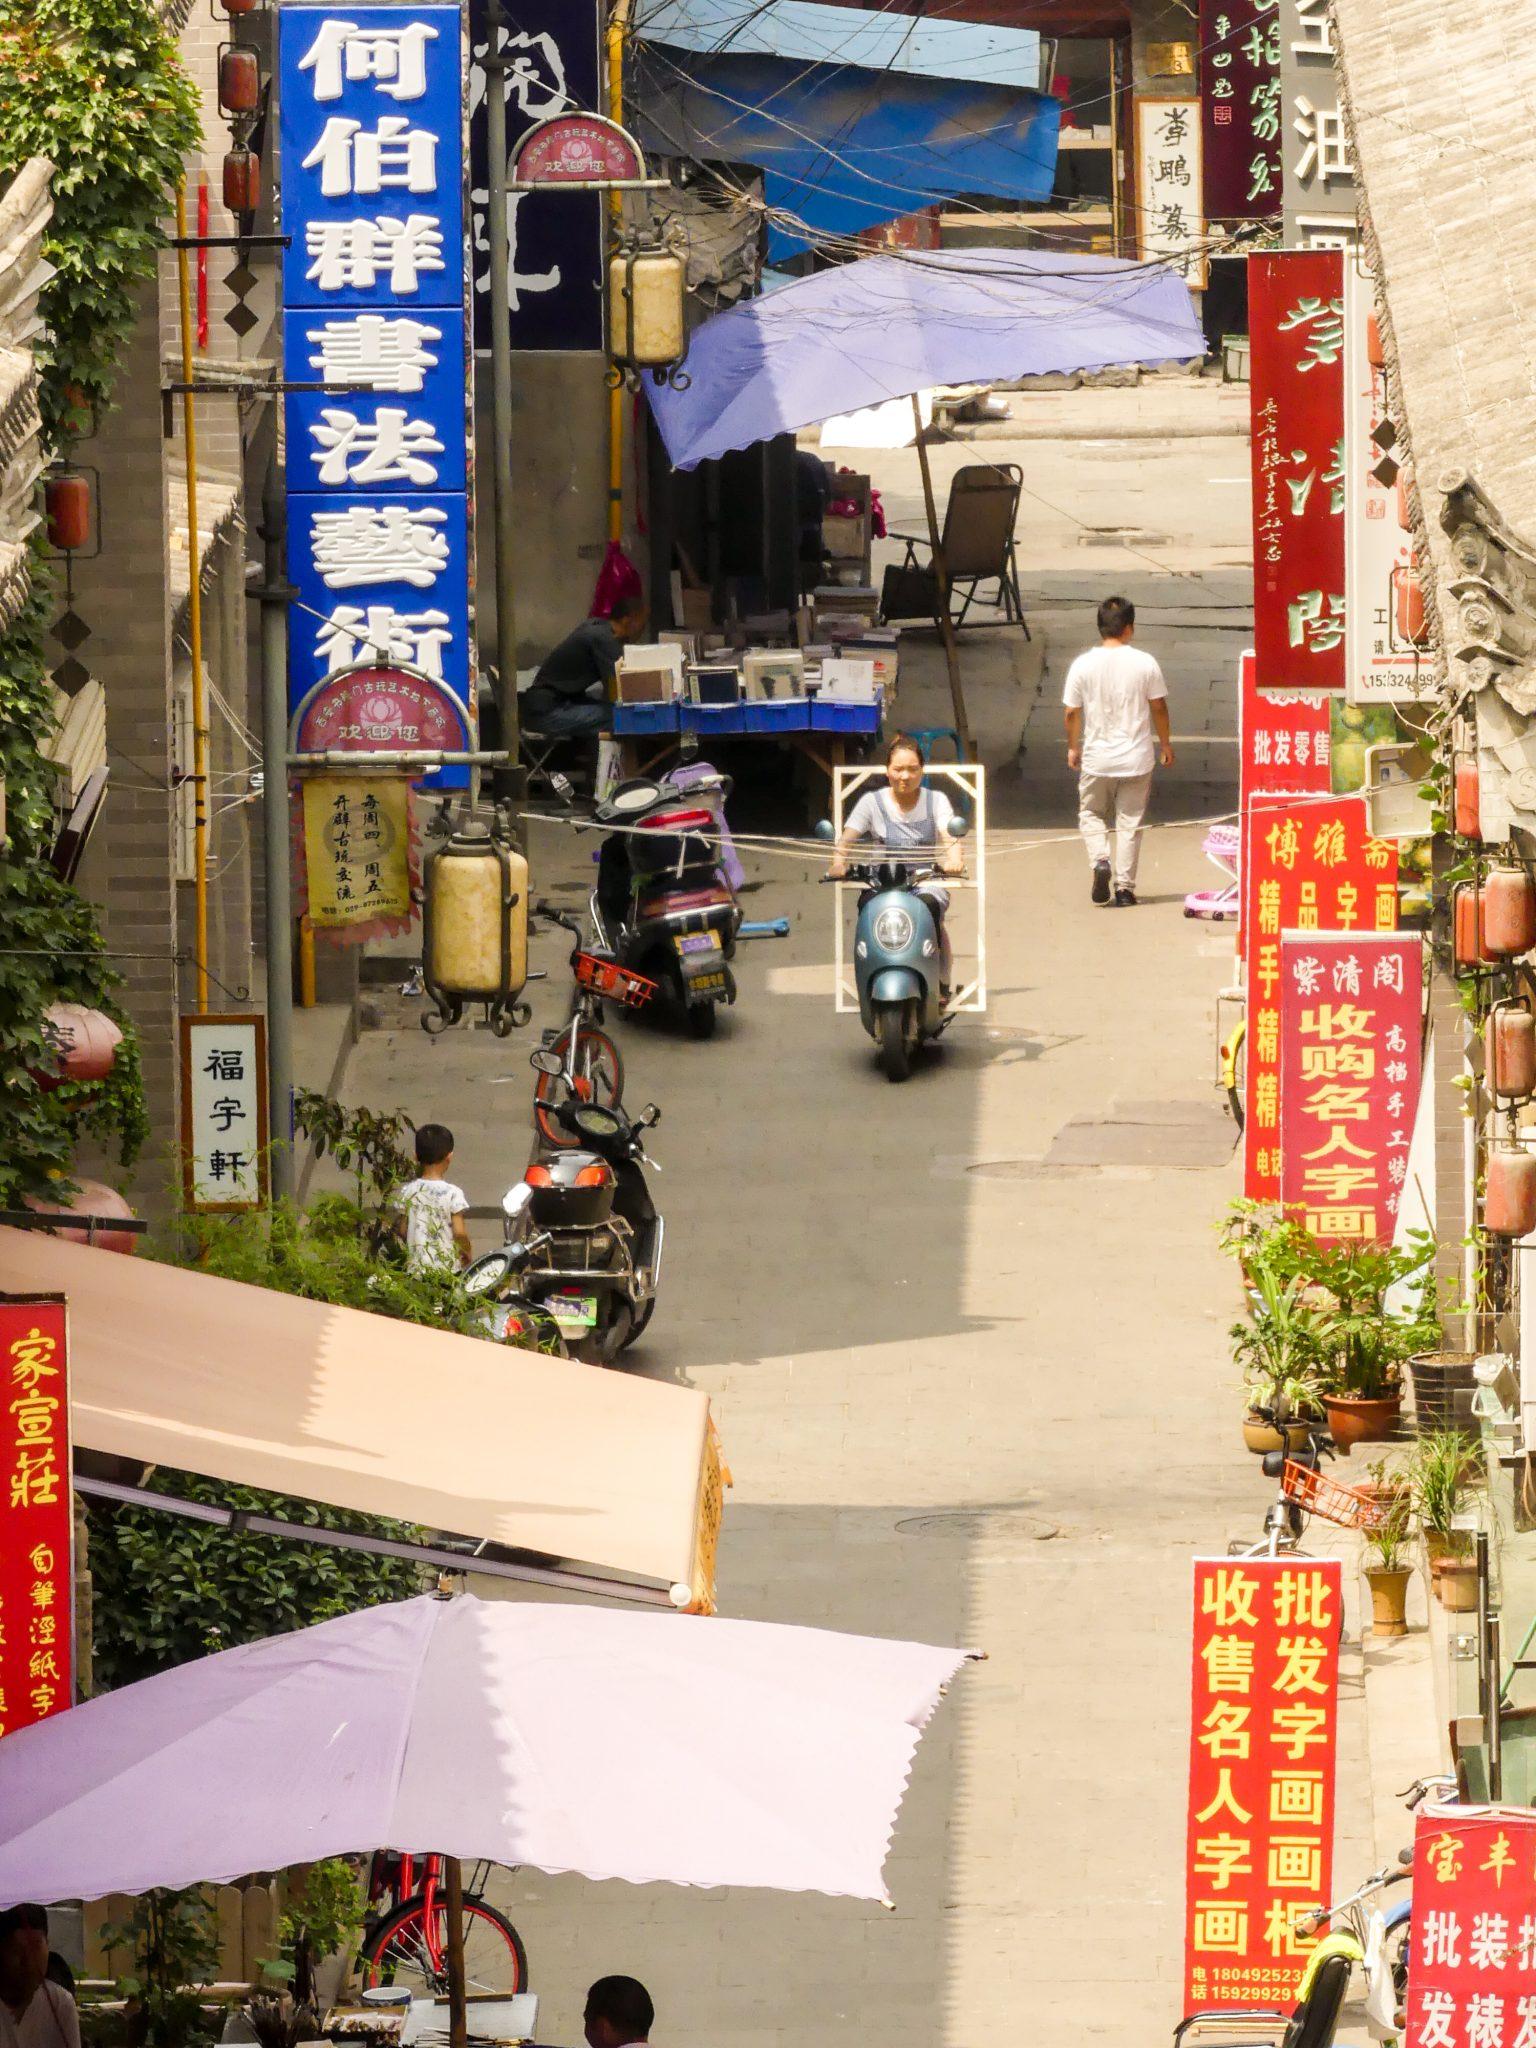 Chinese street, take 2